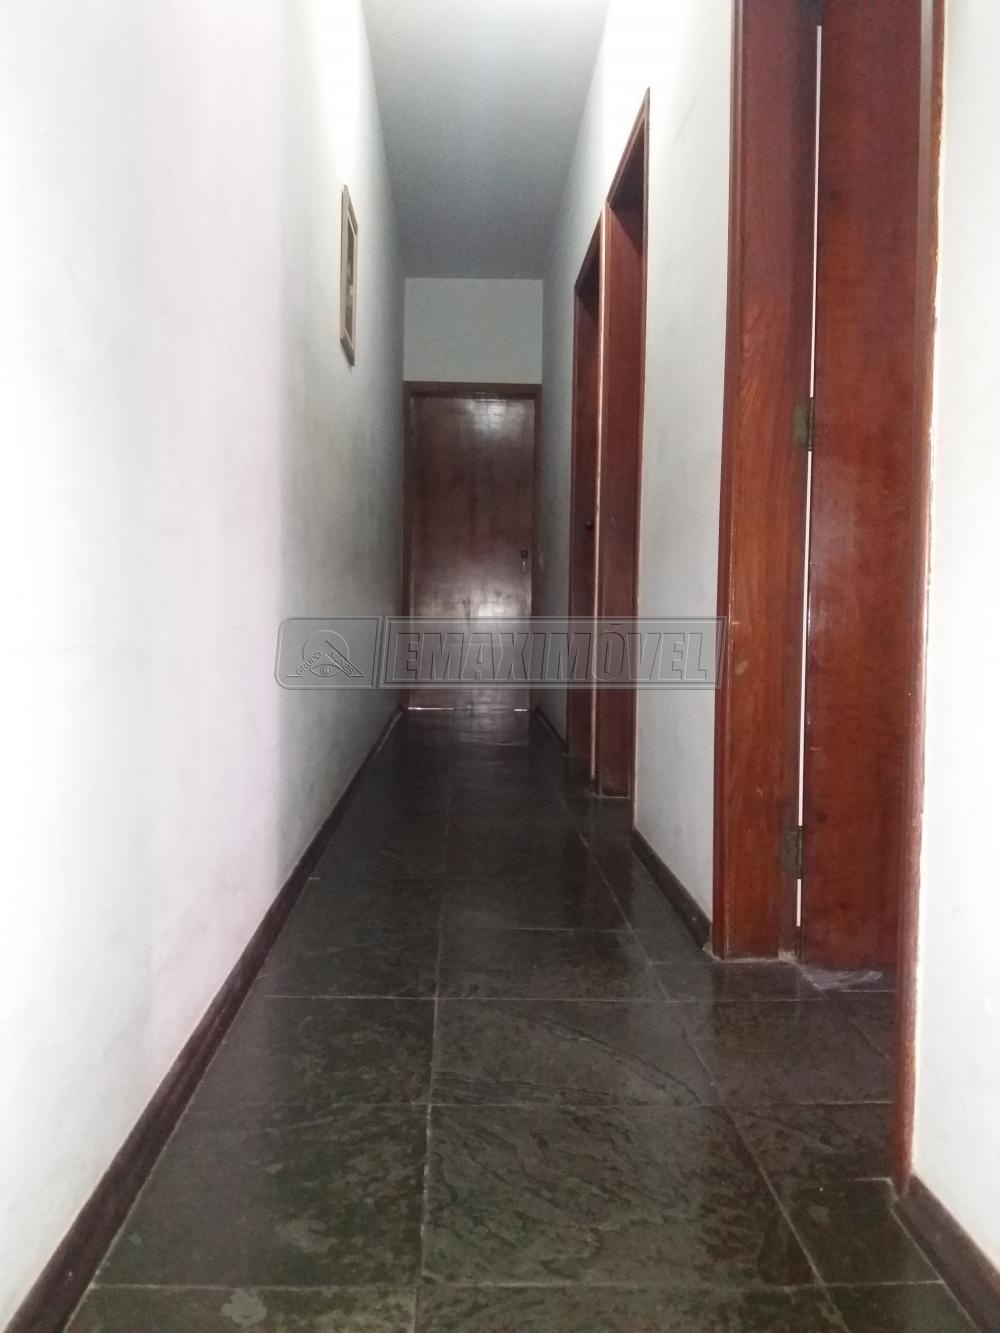 Comprar Casas / em Bairros em Sorocaba apenas R$ 490.000,00 - Foto 17